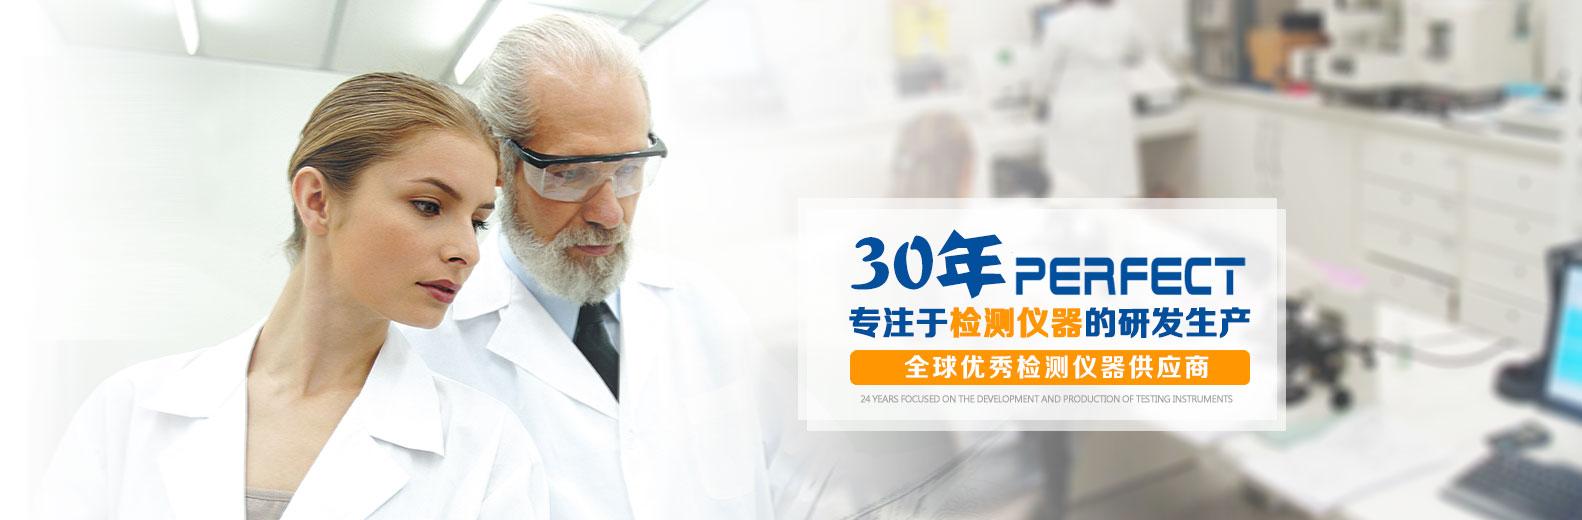 大奖pt娱乐_大奖娱乐检测仪器